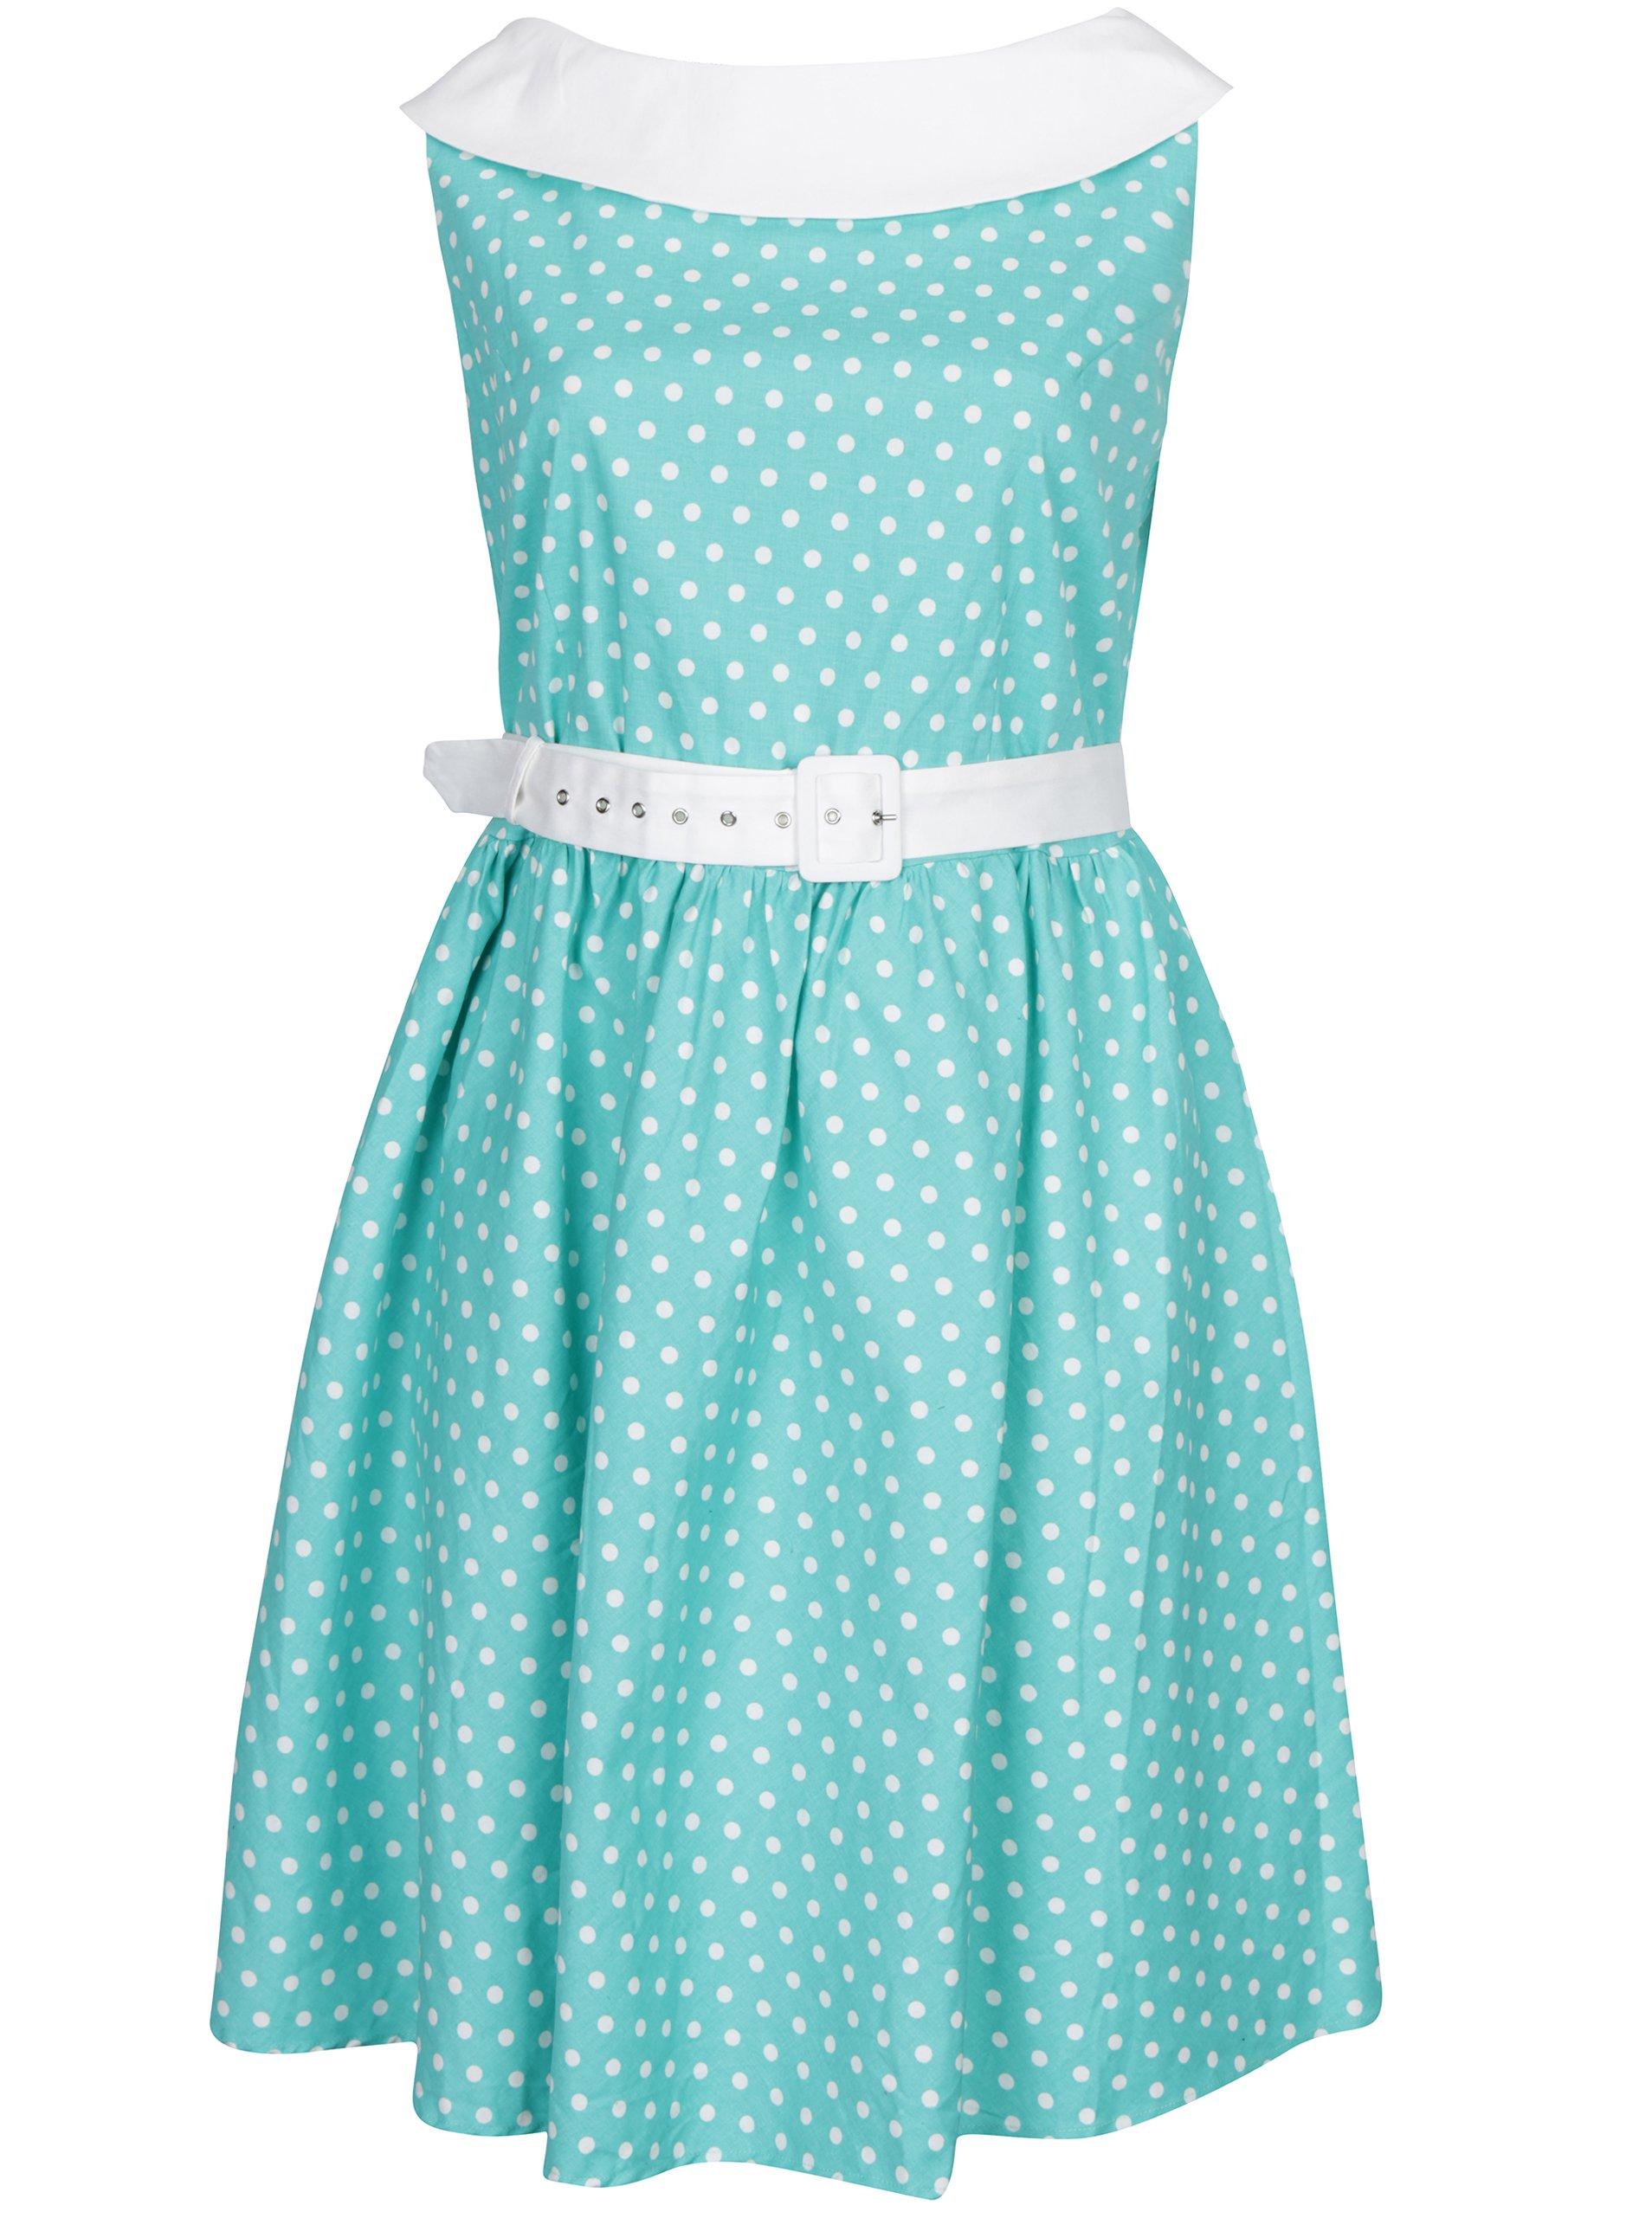 9b157d1e1c45 Tyrkysové puntíkované šaty s dvěma pásky Dolly   Dotty Cindy ŽENY   Šaty    šaty na